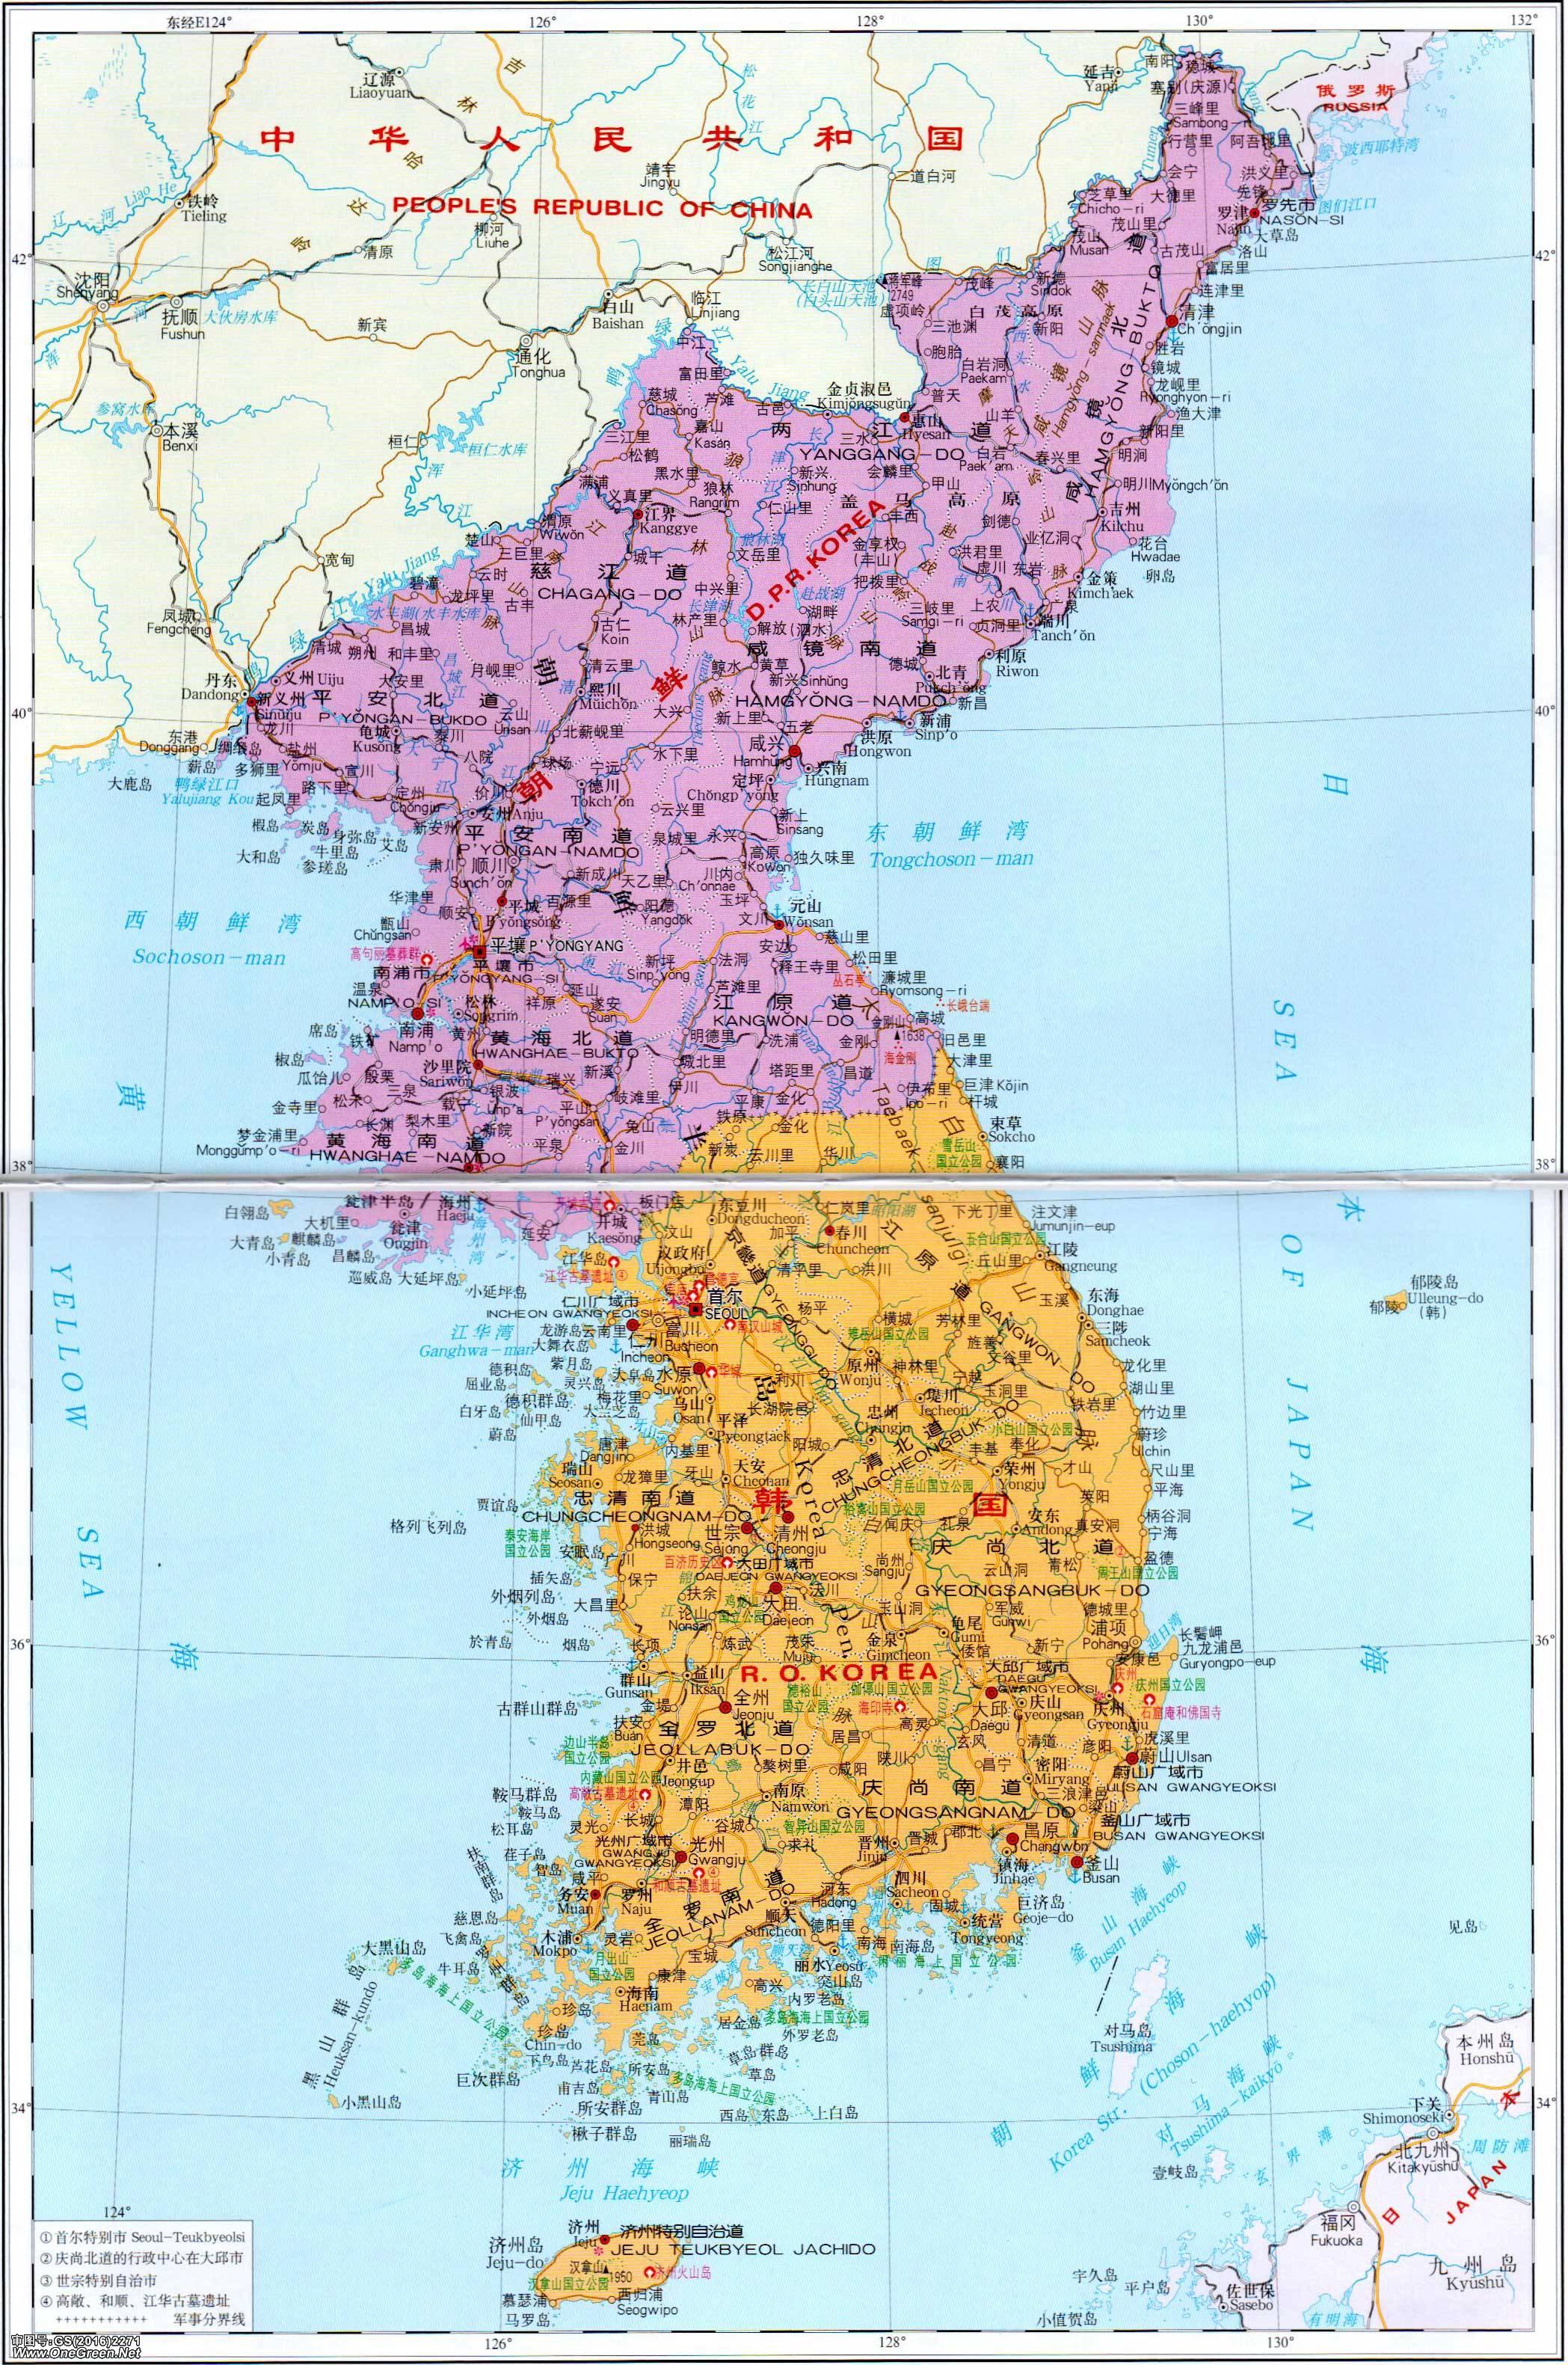 印度 地圖 中文 版